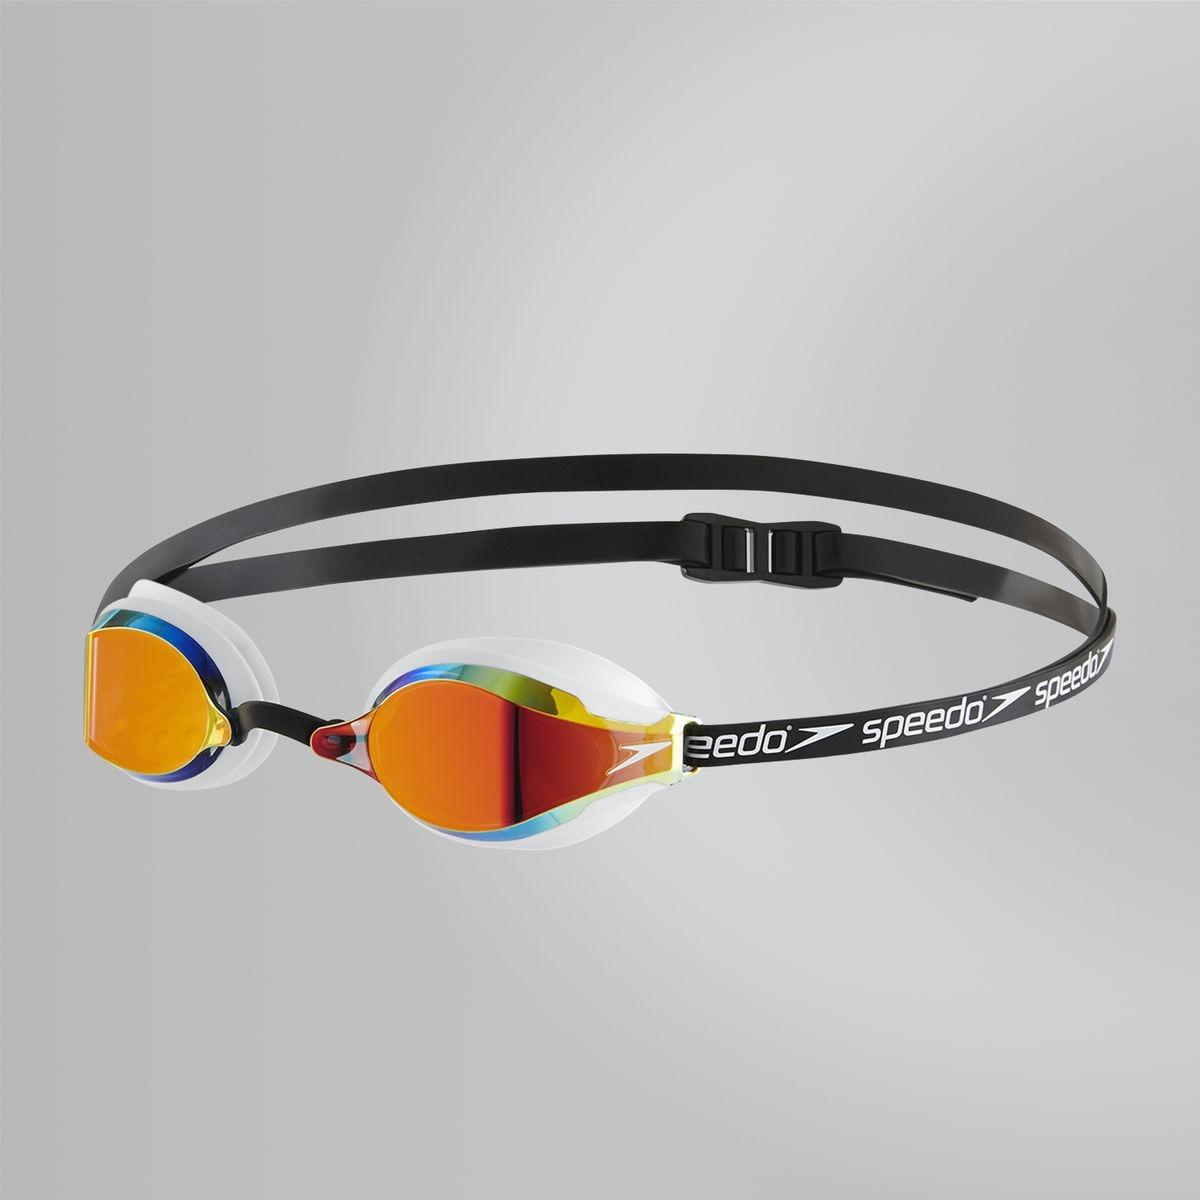 8acd81ffe8af9 óculos de natação speedo speed socket 2. Carregando zoom.